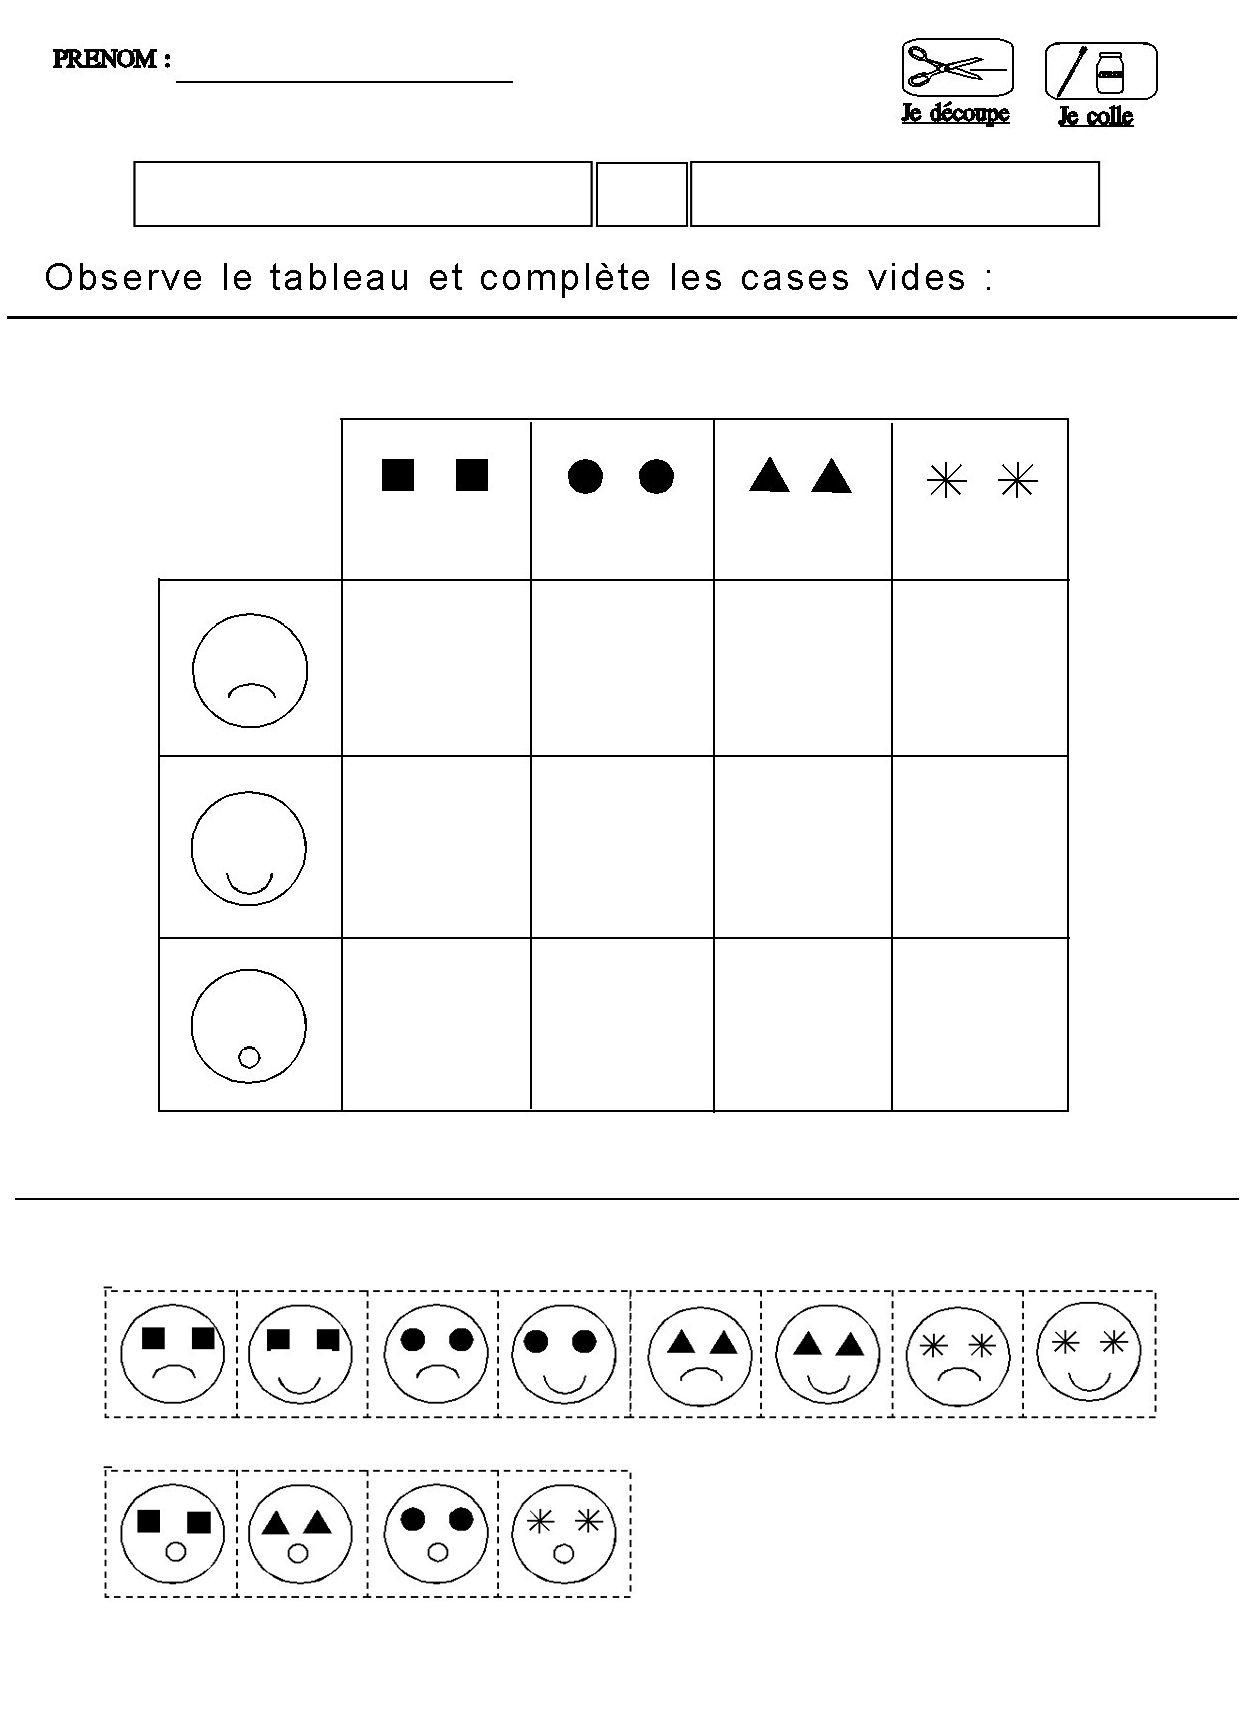 Tableau Double Entrees Pour Maternelle Moyenne Section destiné Exercice Gs Maternelle